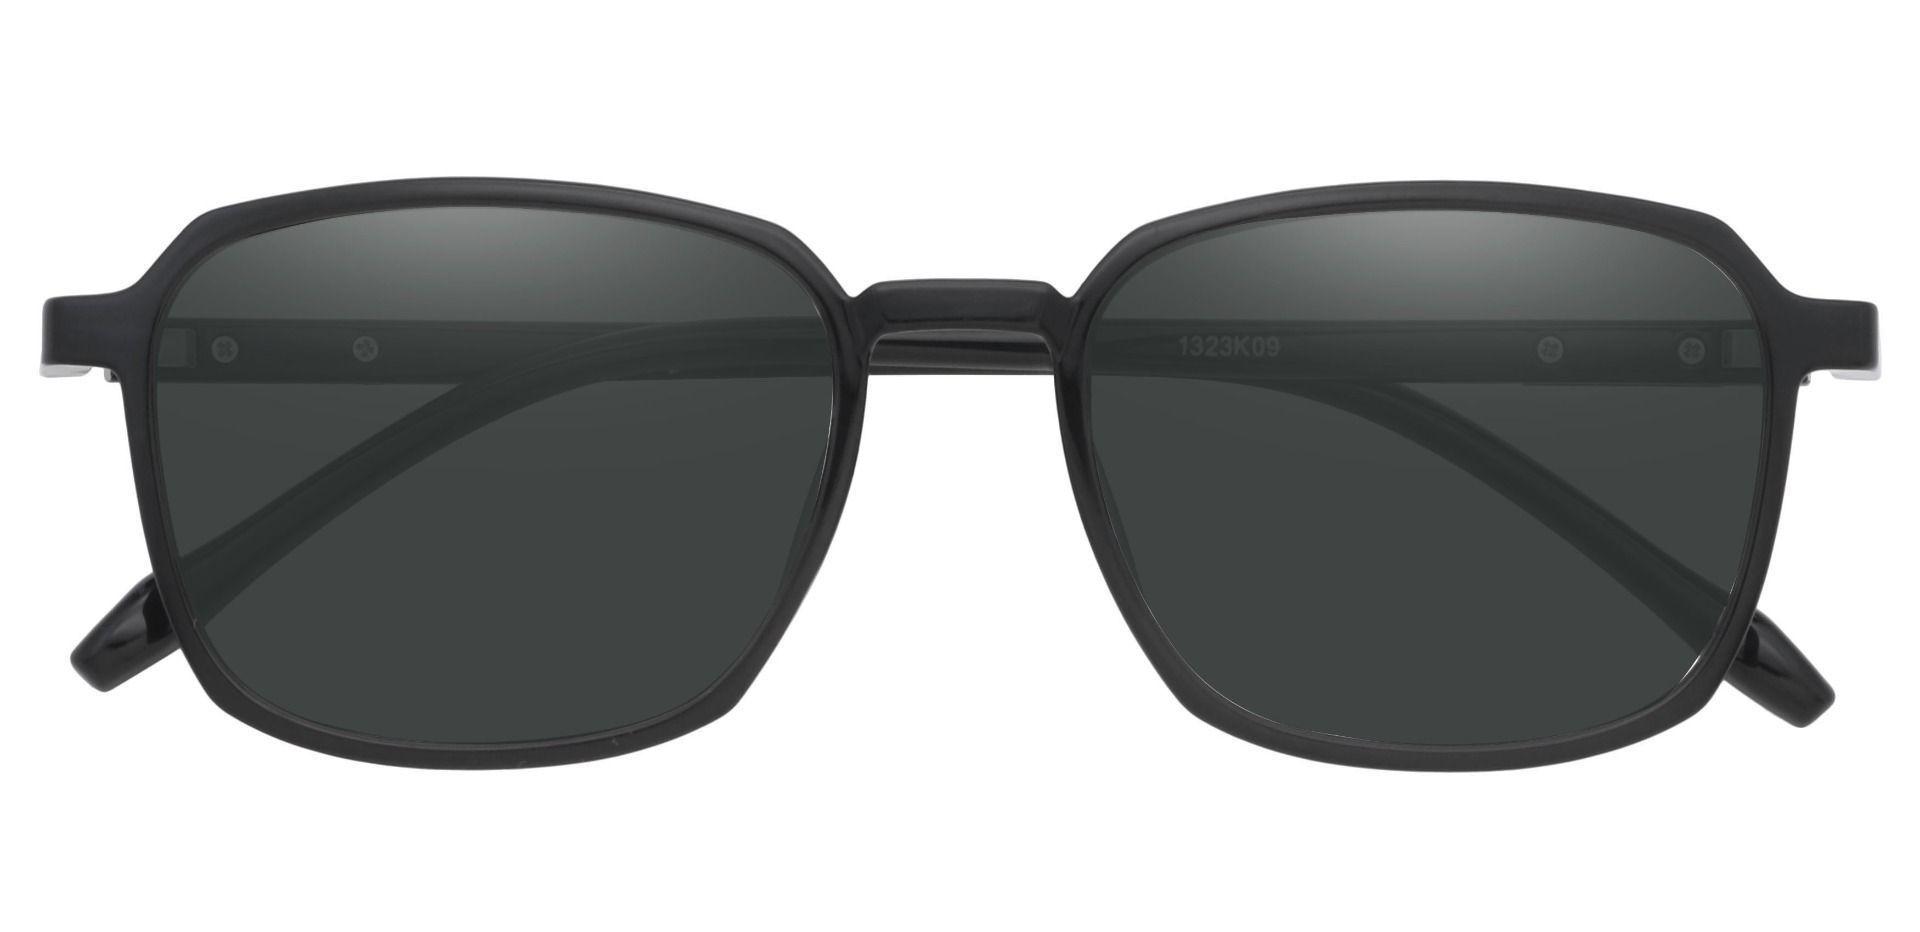 Stella Square Prescription Sunglasses - Black Frame With Gray Lenses